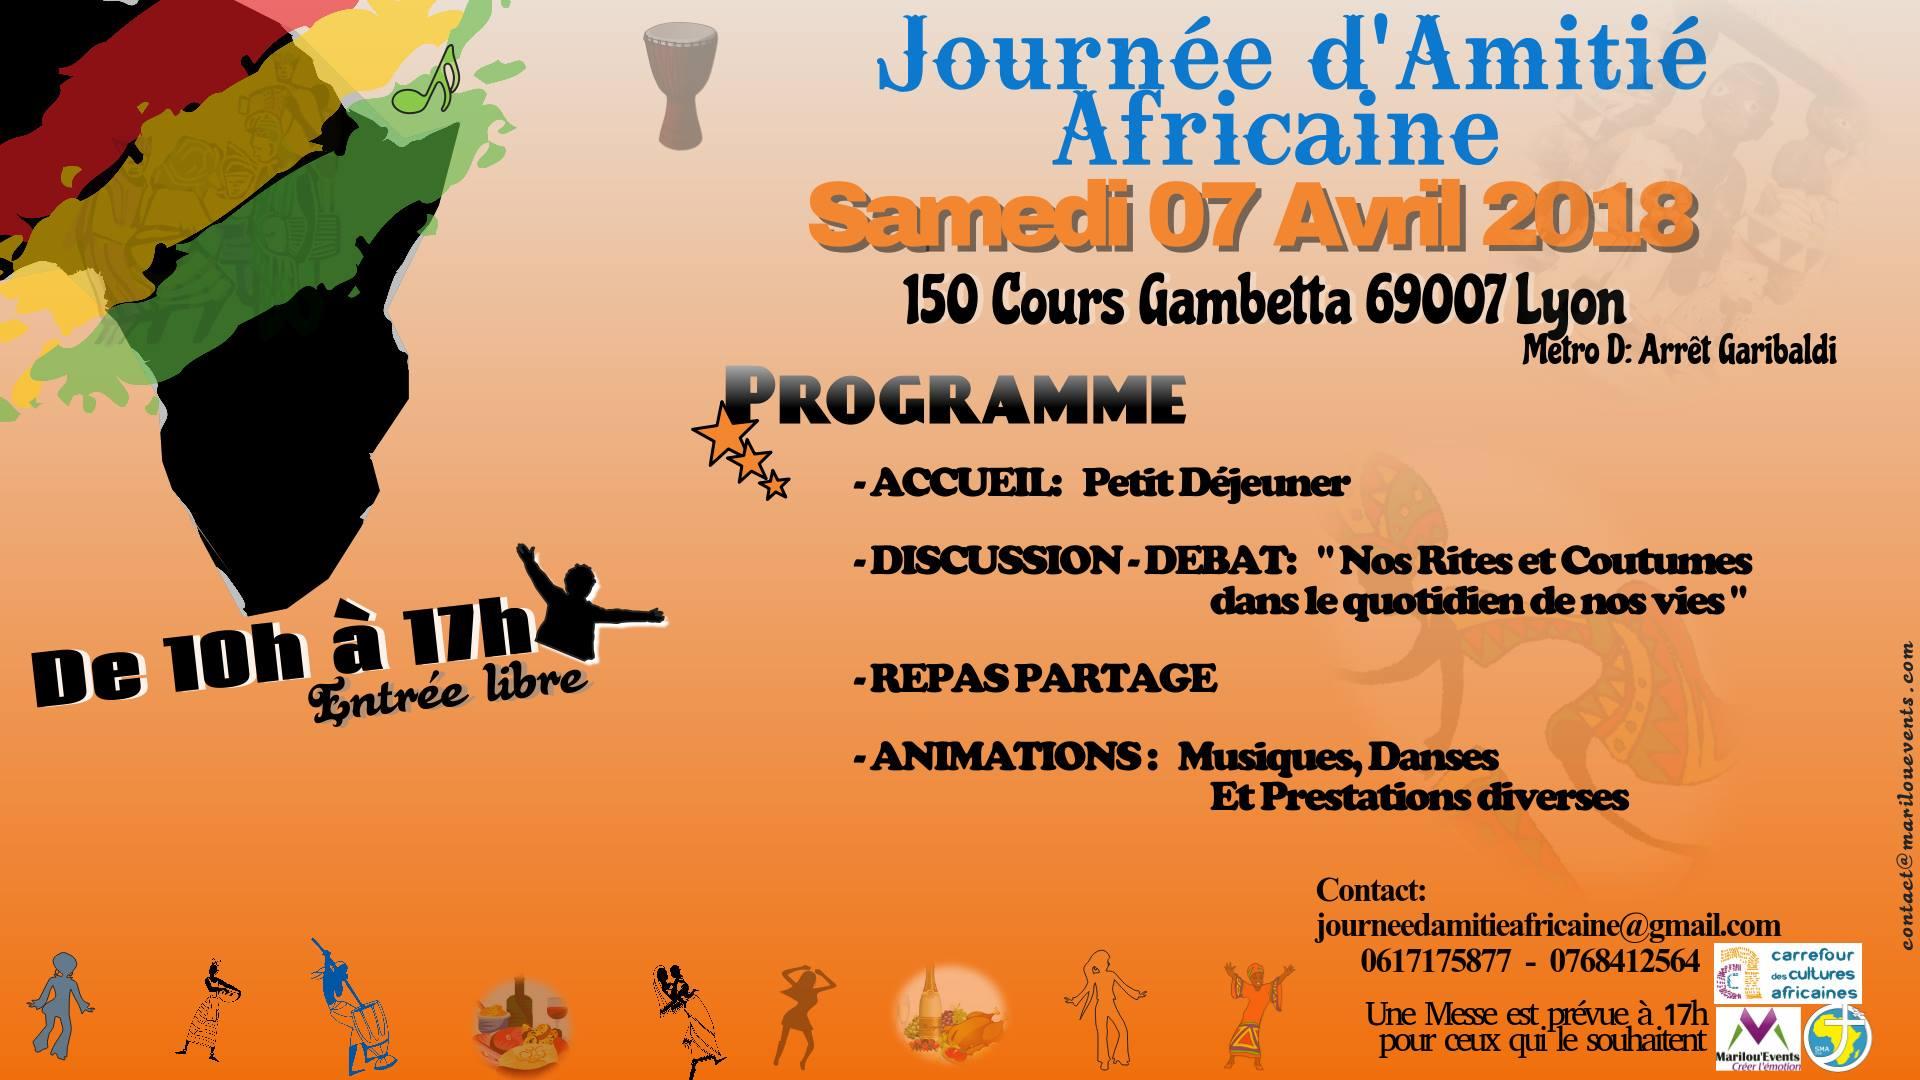 [ECHANGES]  Journée de l'Amitié Africaine au Carrefour des Cultures Africaine le le 7 avril 2018